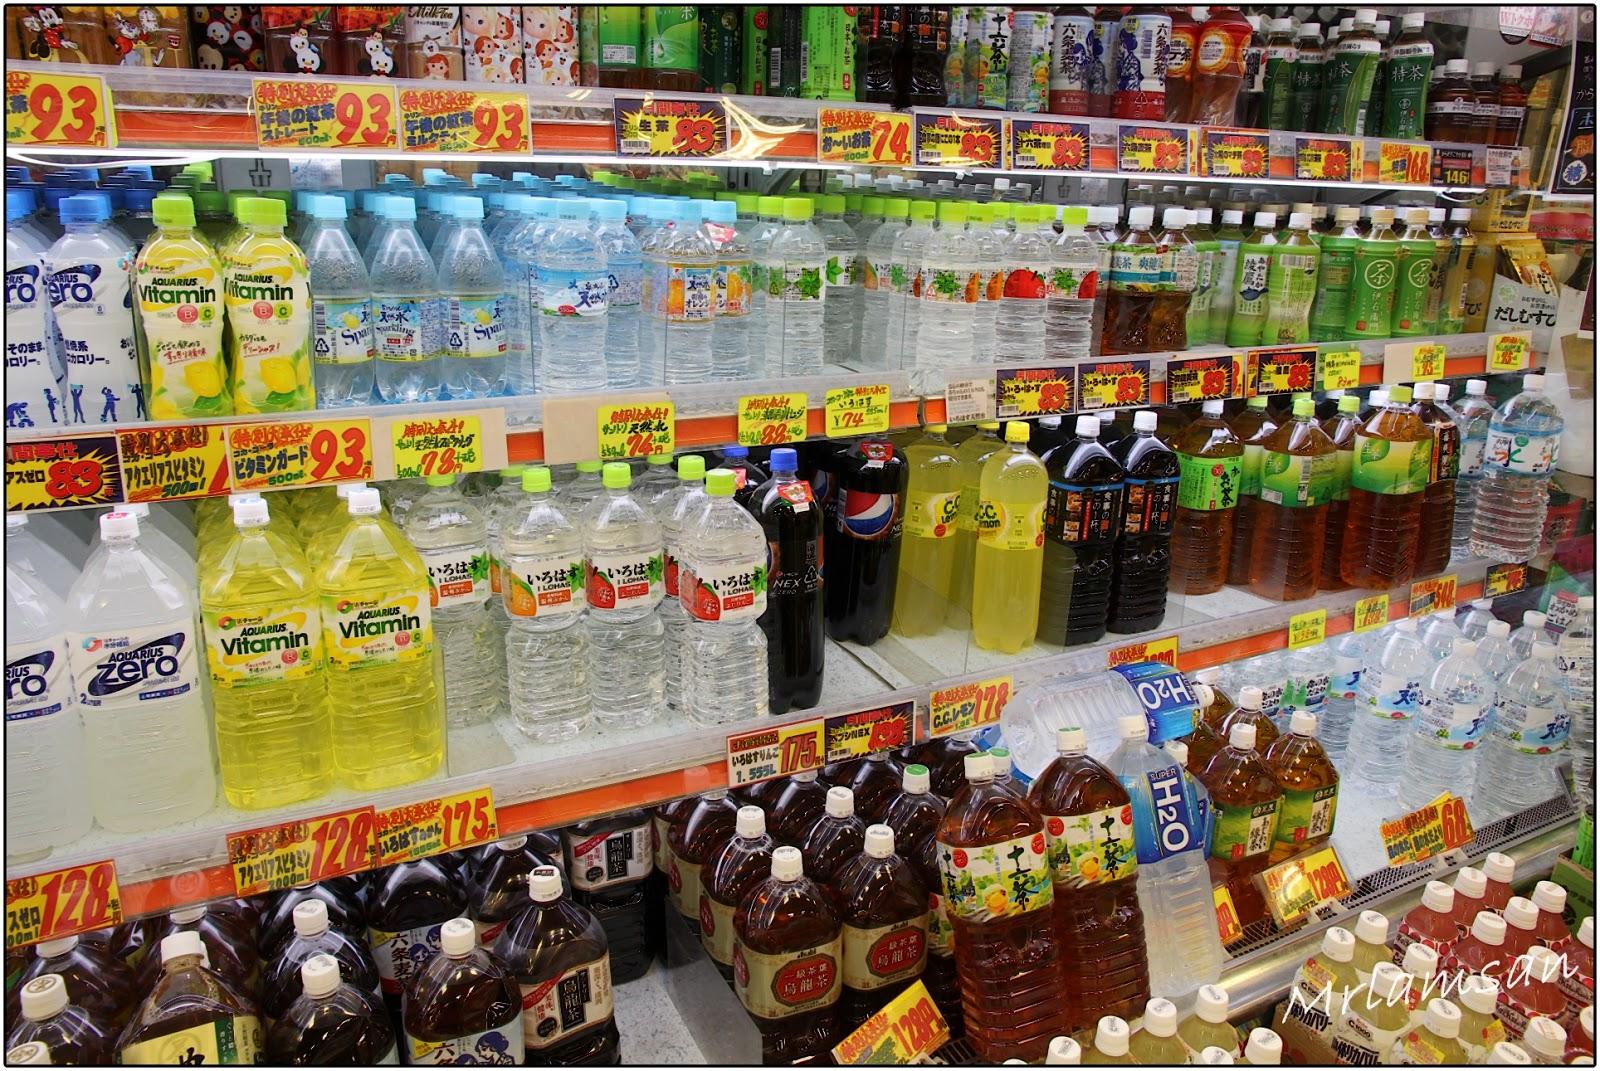 林公子生活遊記: 大阪人的超市 玉出超市 最強激安抵買24小時營業 酒水美食和牛新鮮便當全都有 批發價錢的超 ...